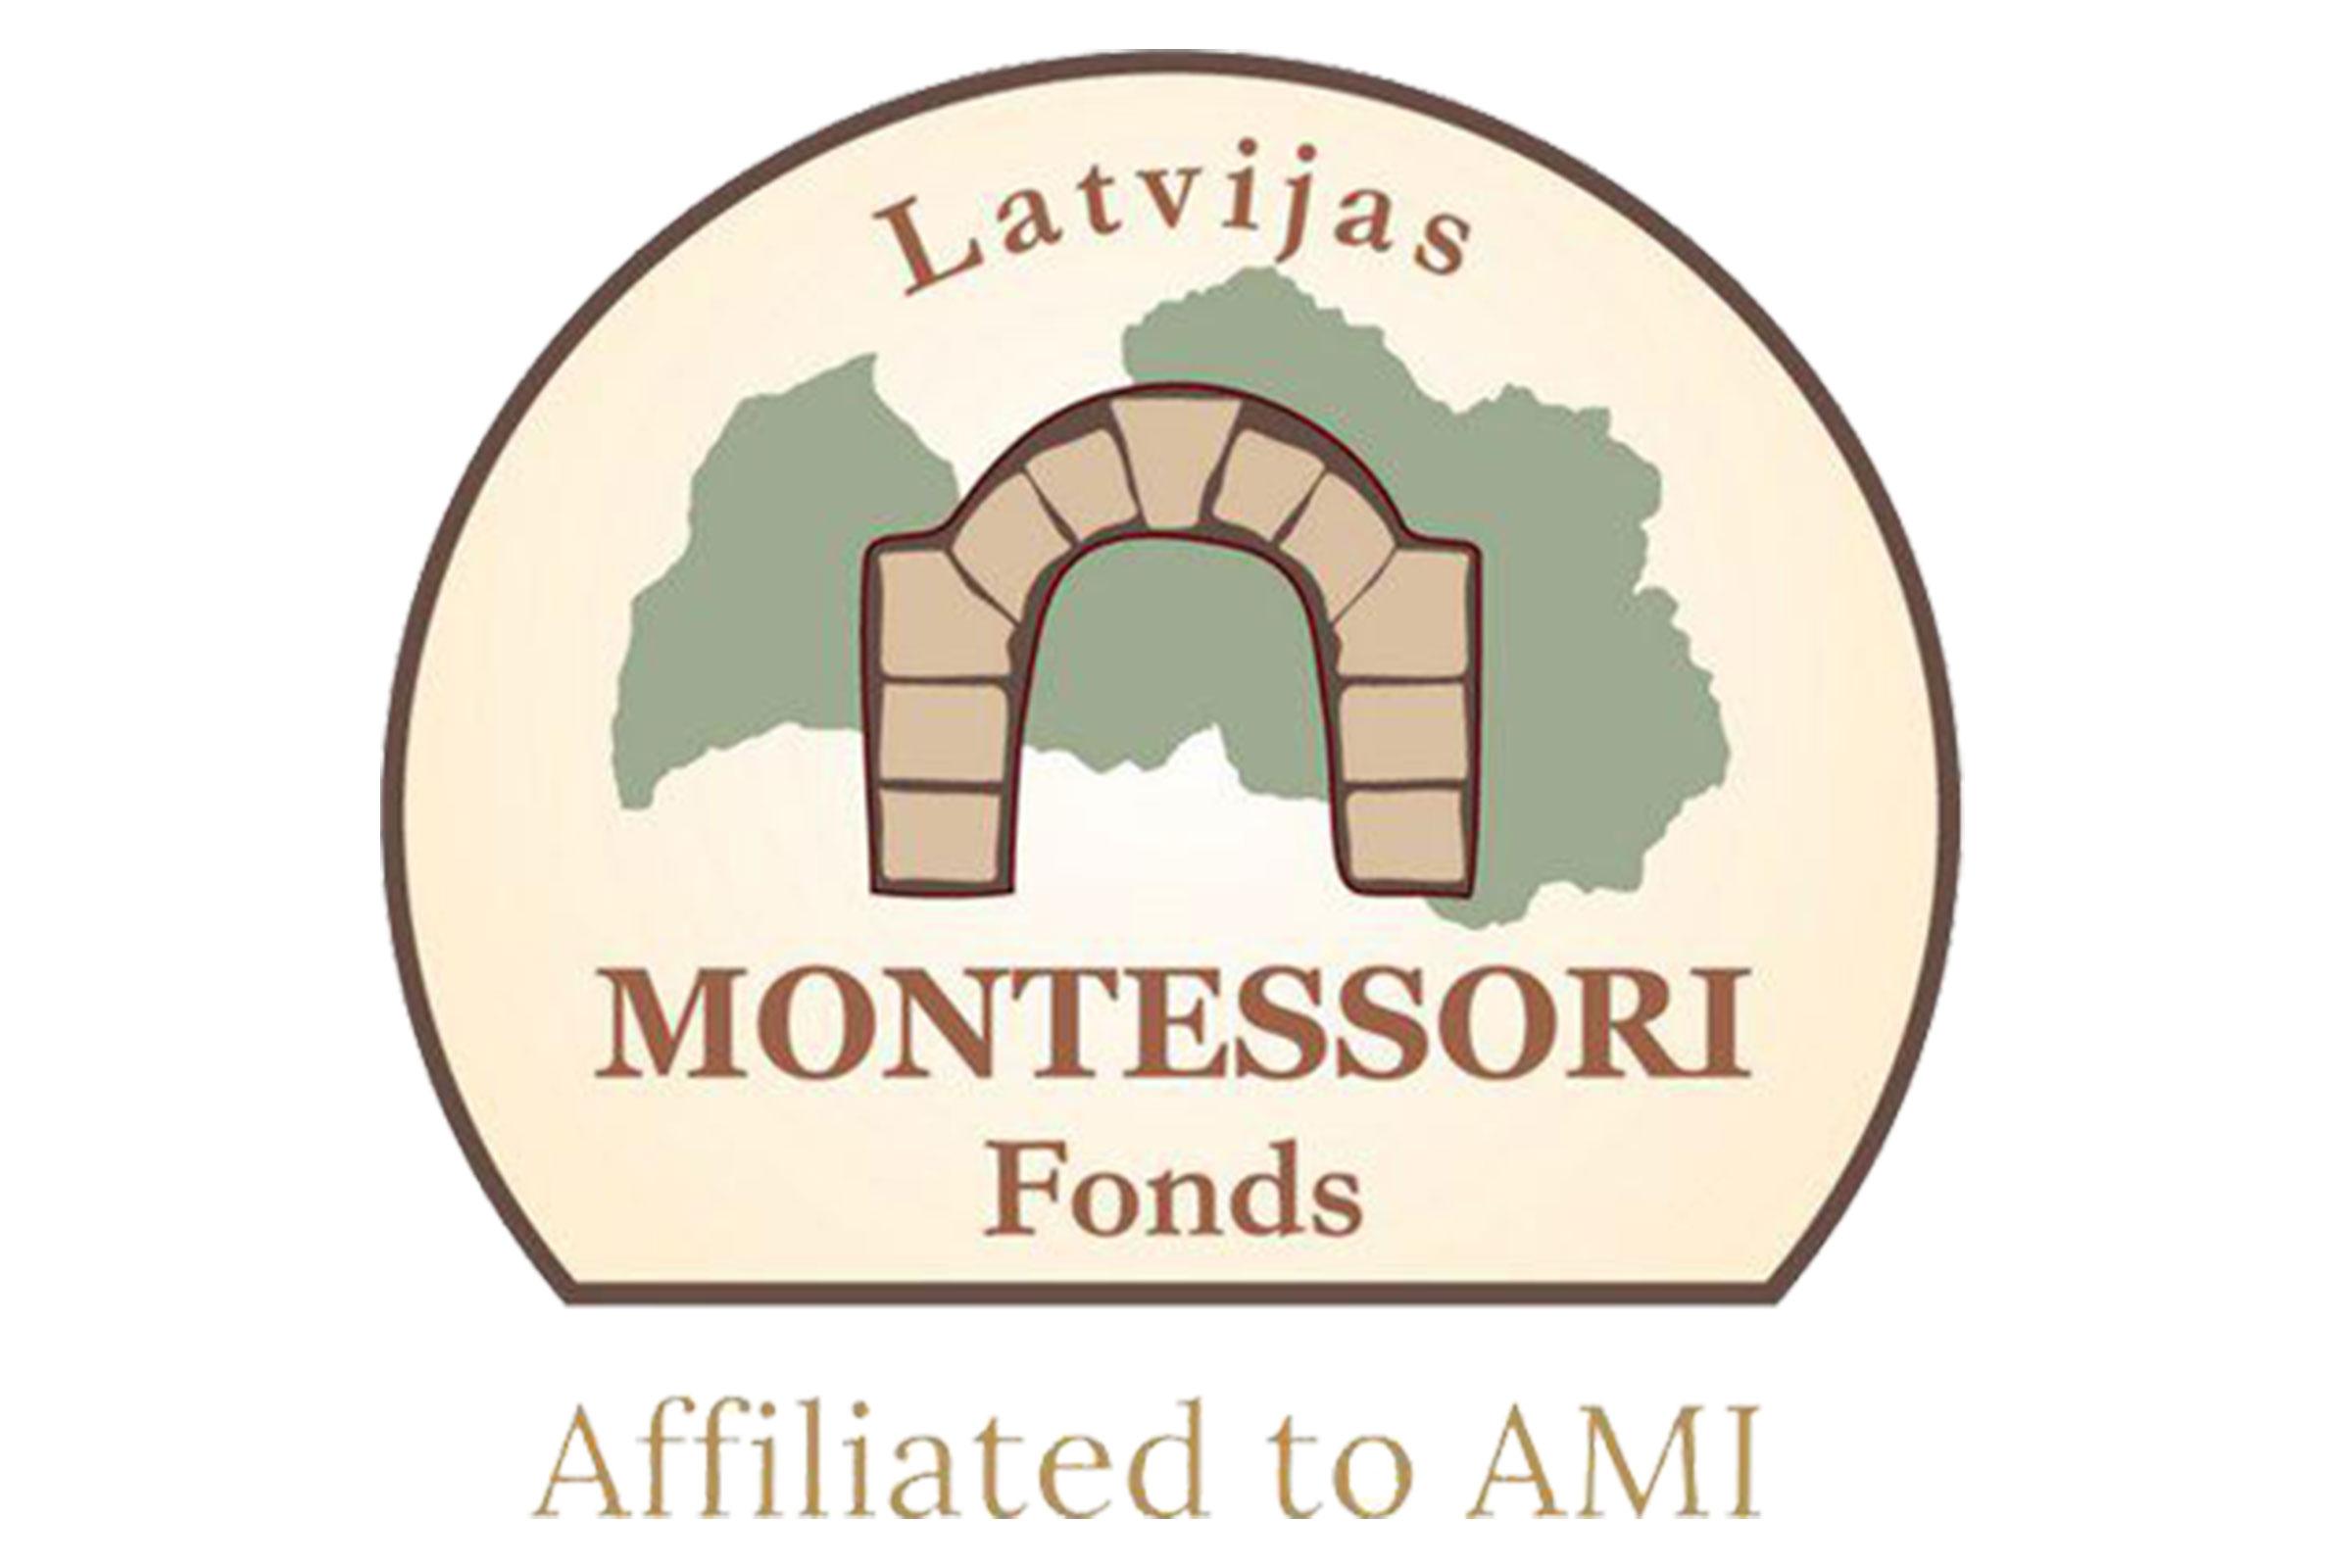 Latvijas Montessori Fonds logo